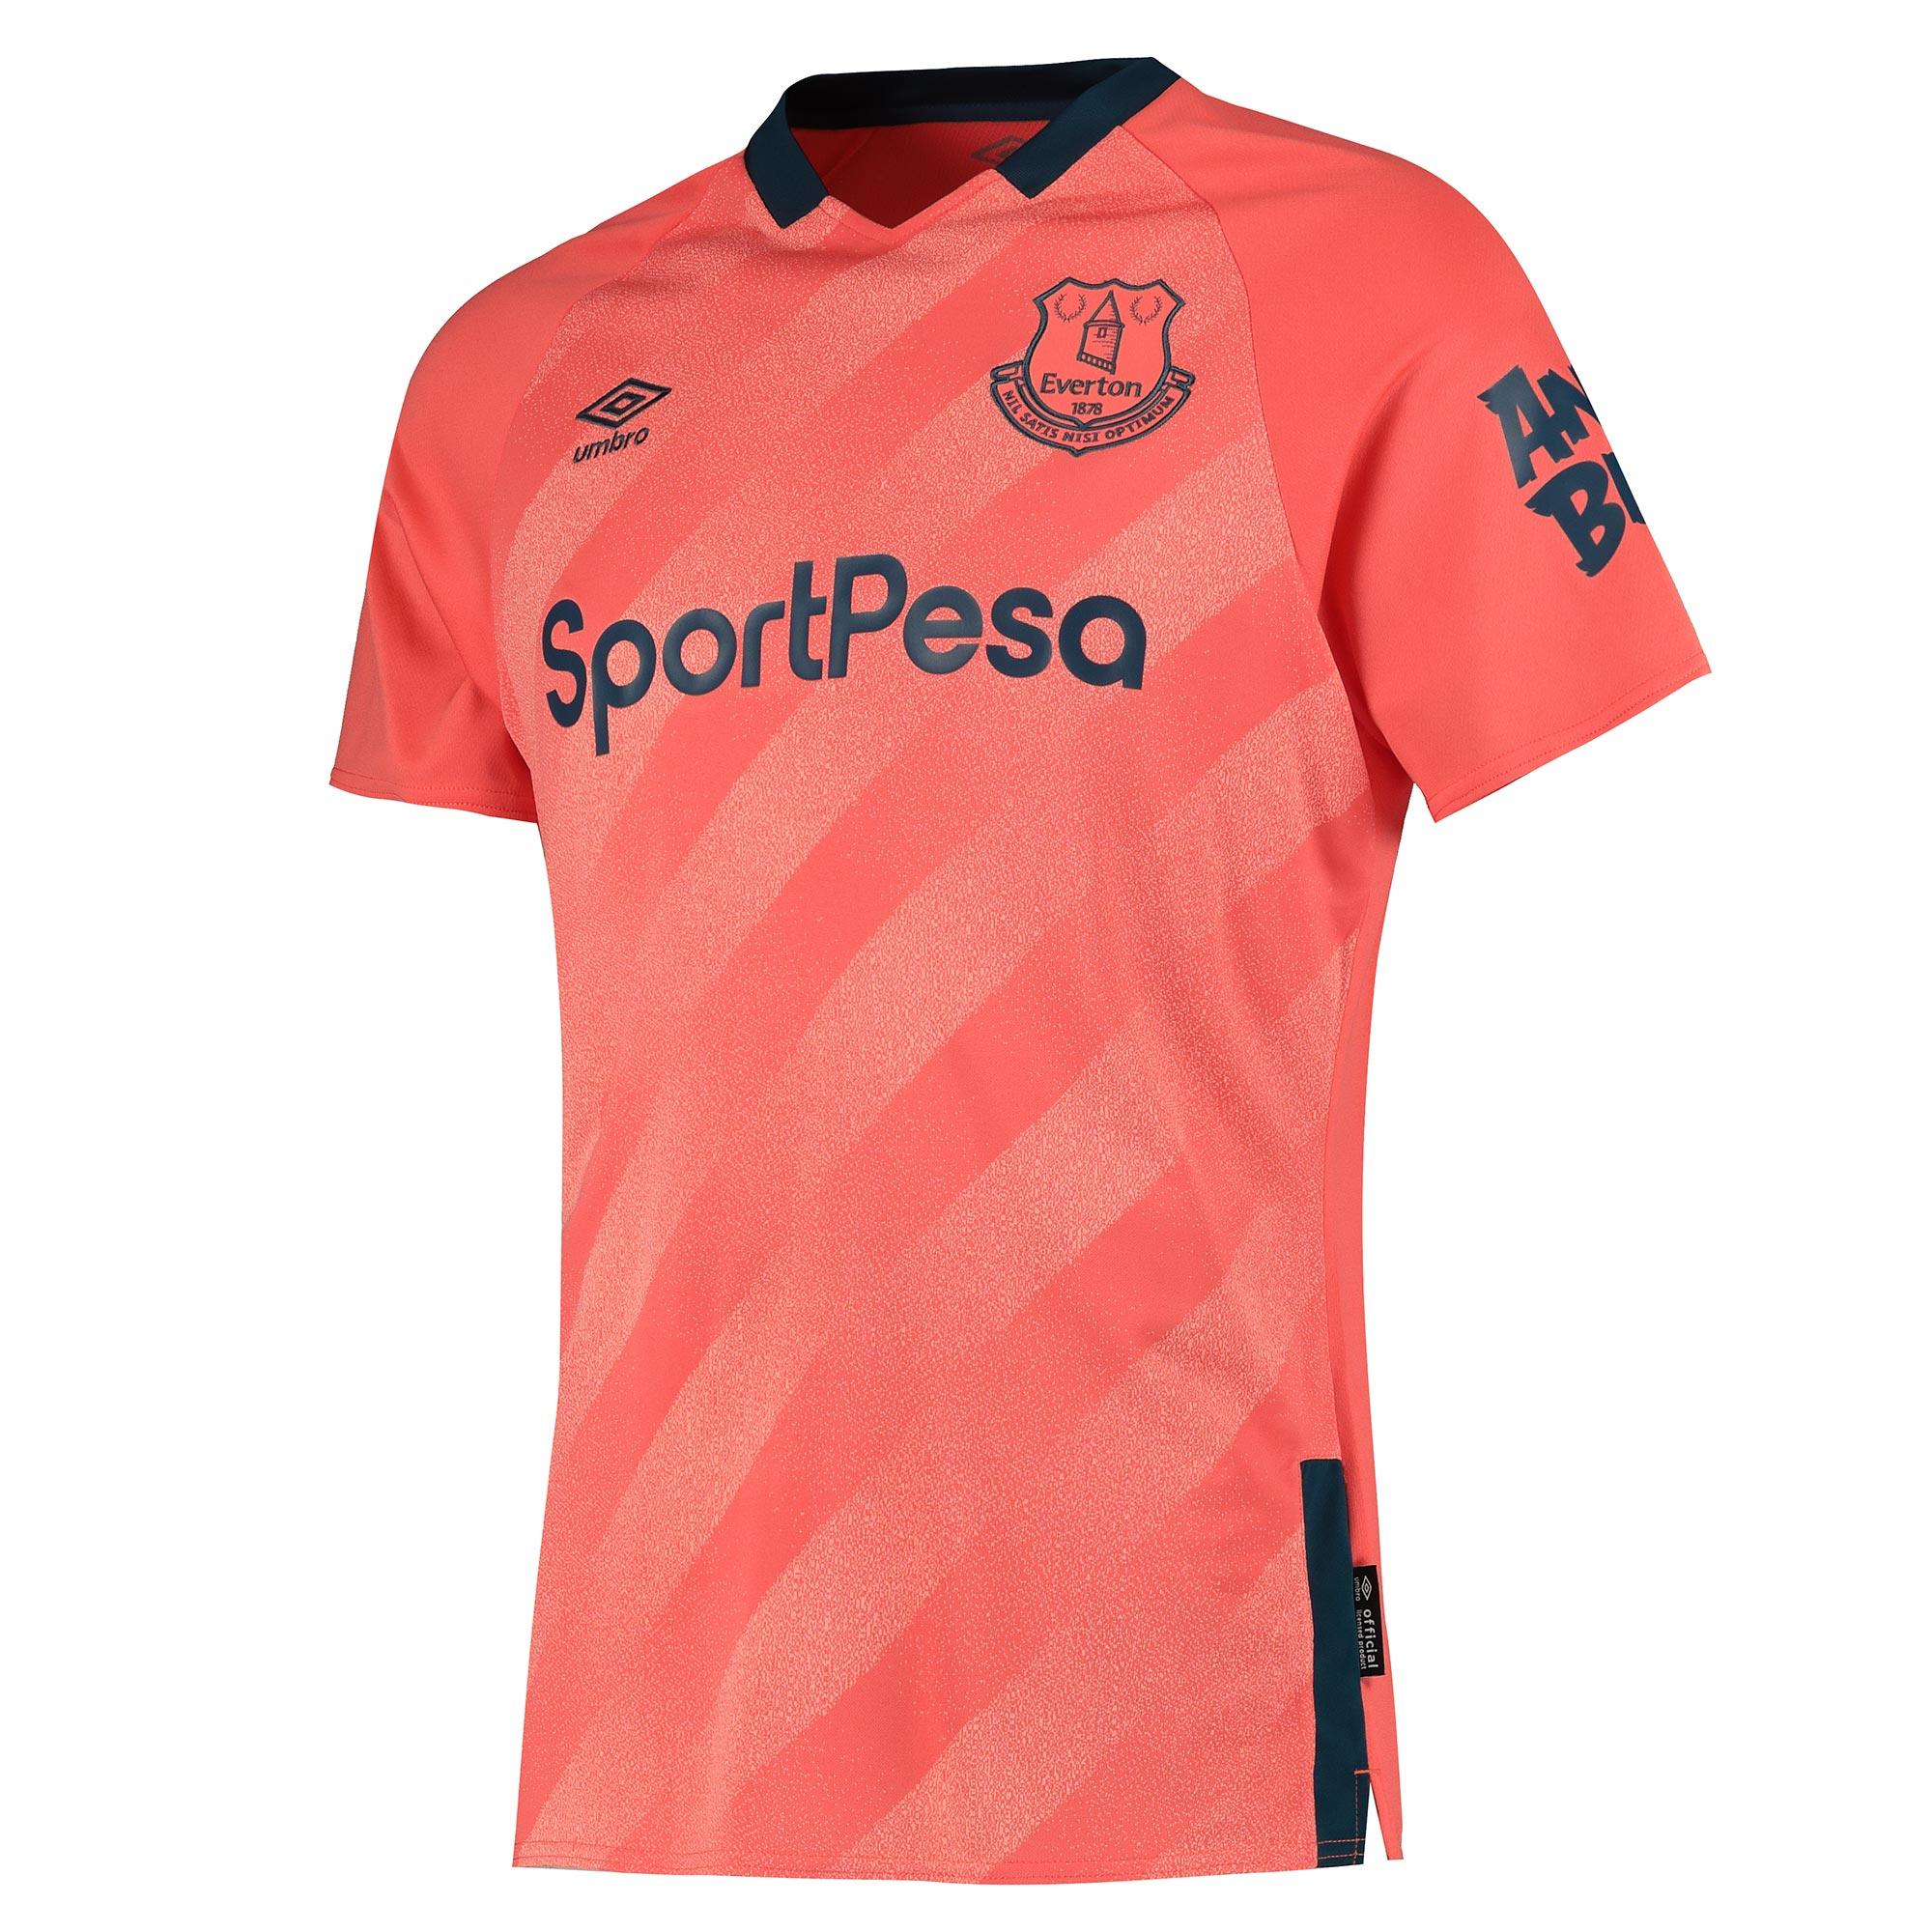 Everton 2019-20 Umbro Away Kit | 19/20 Kits | Football shirt blog